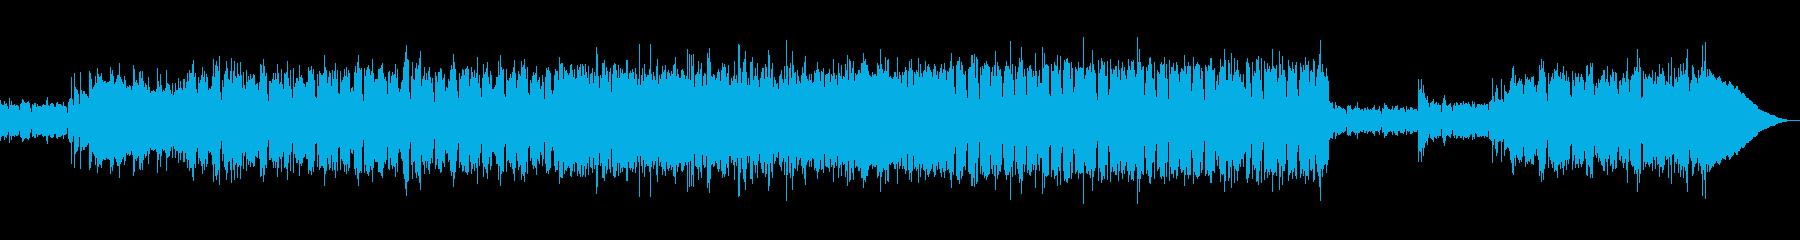 ライブ感あるストレートなロックの再生済みの波形